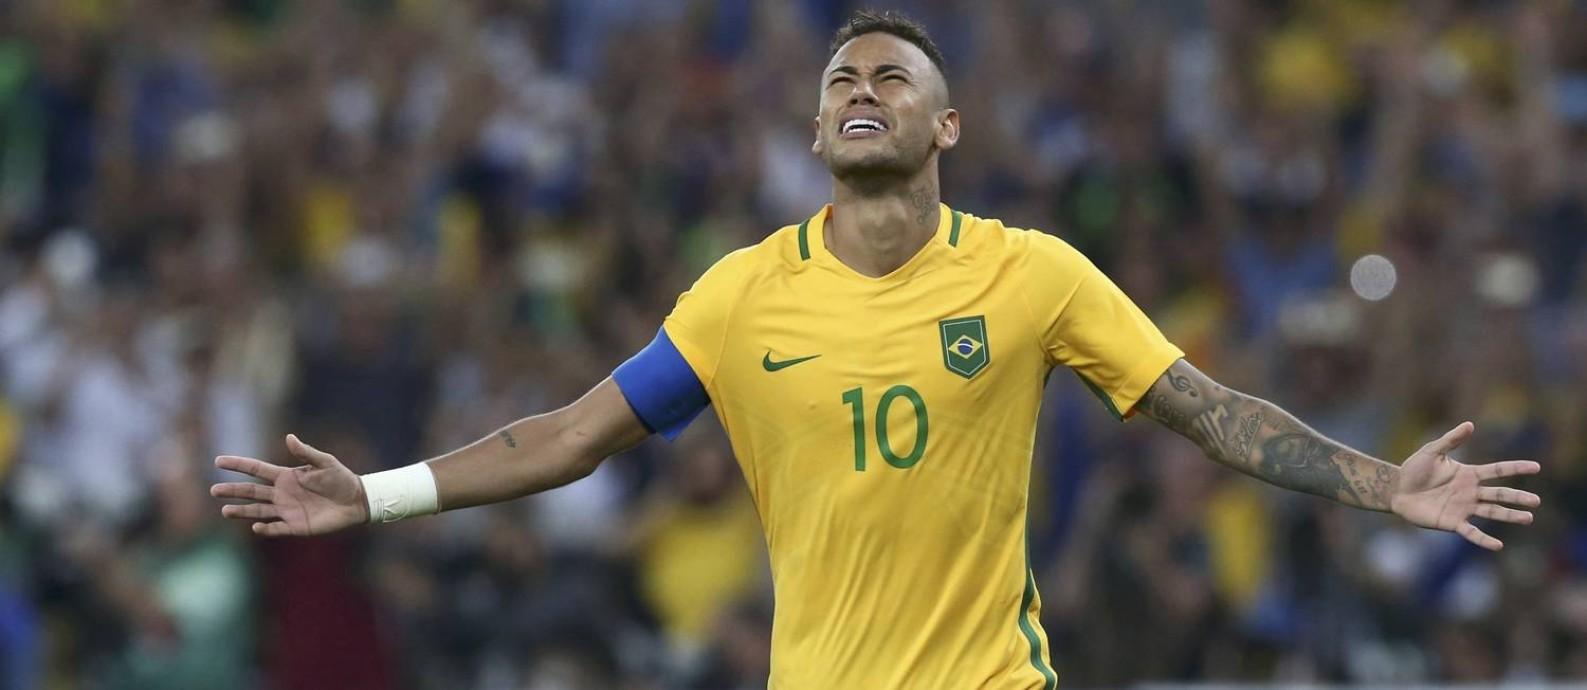 cbca9b81d1 Neymar fecha os olhos e comemora o gol decisivo que marcou nas cobranças de  pênalti contra